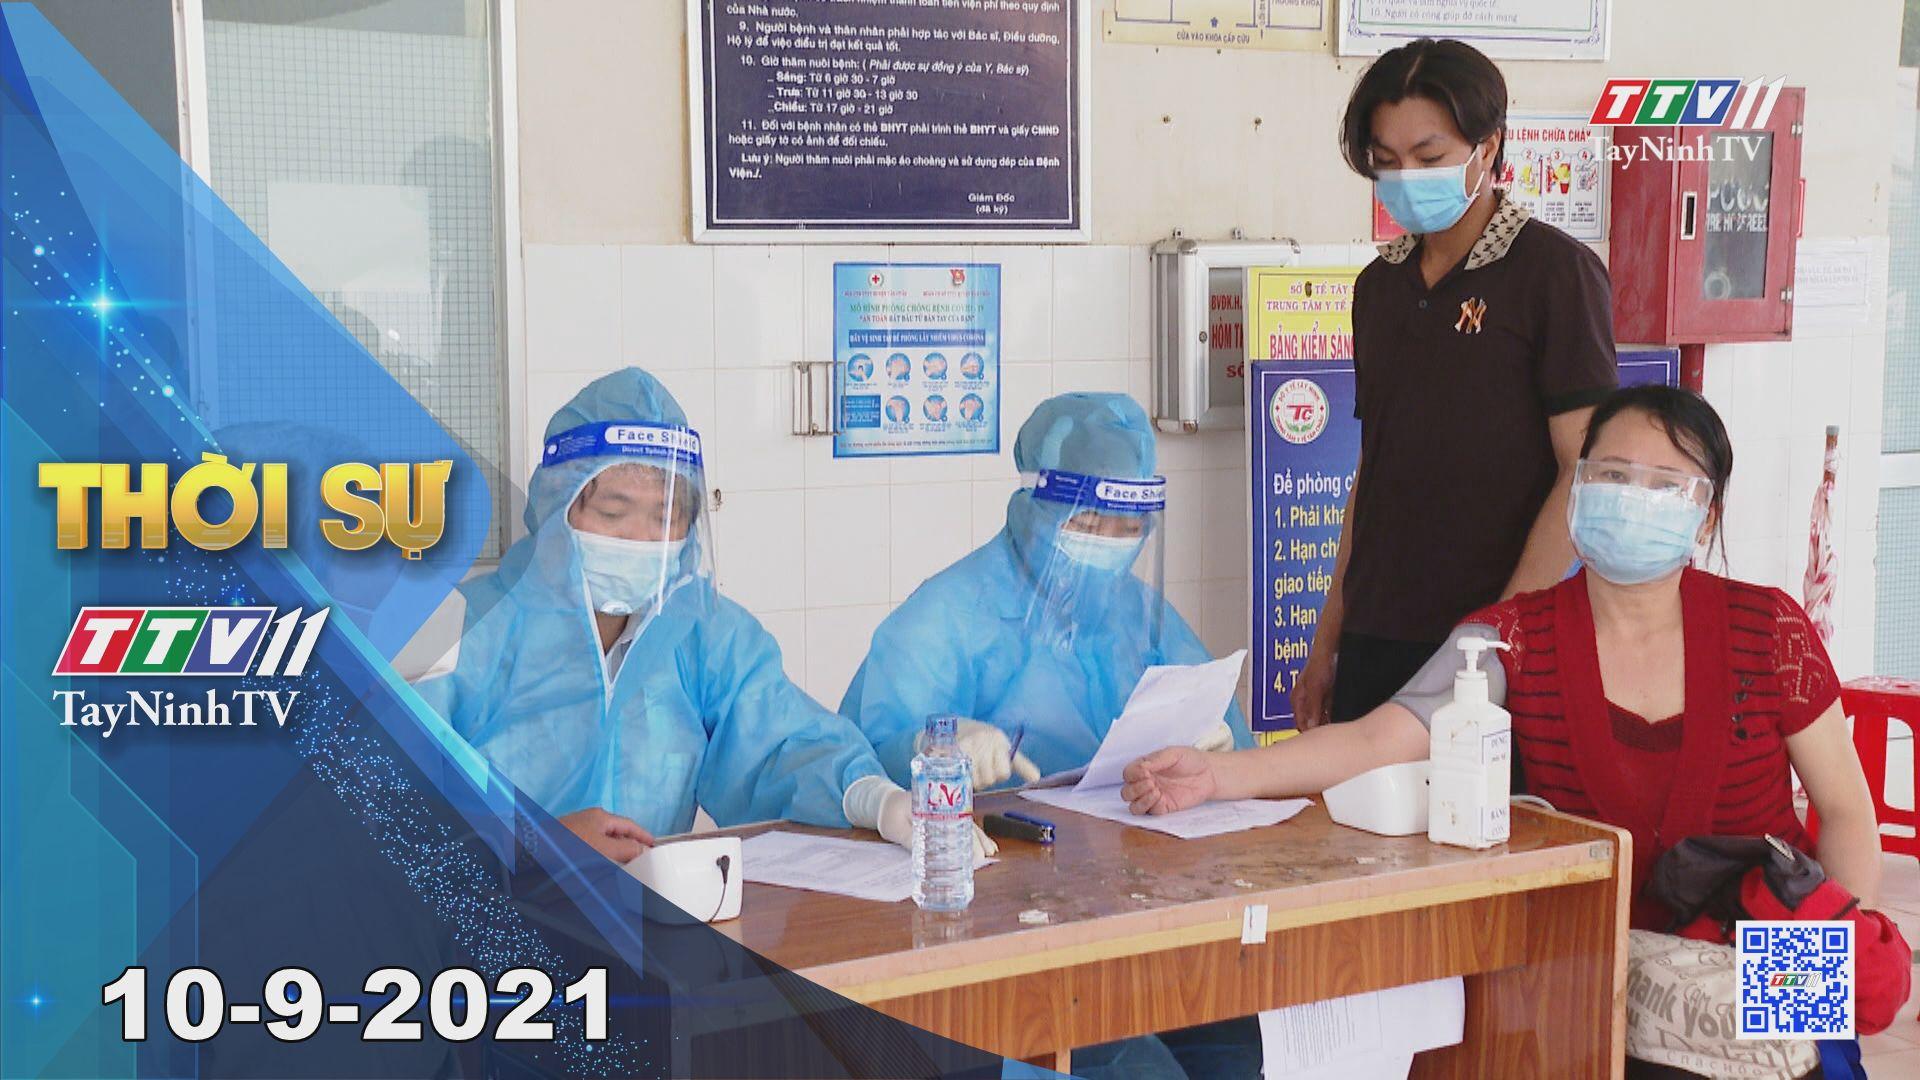 Thời sự Tây Ninh 10-9-2021 | Tin tức hôm nay | TayNinhTV